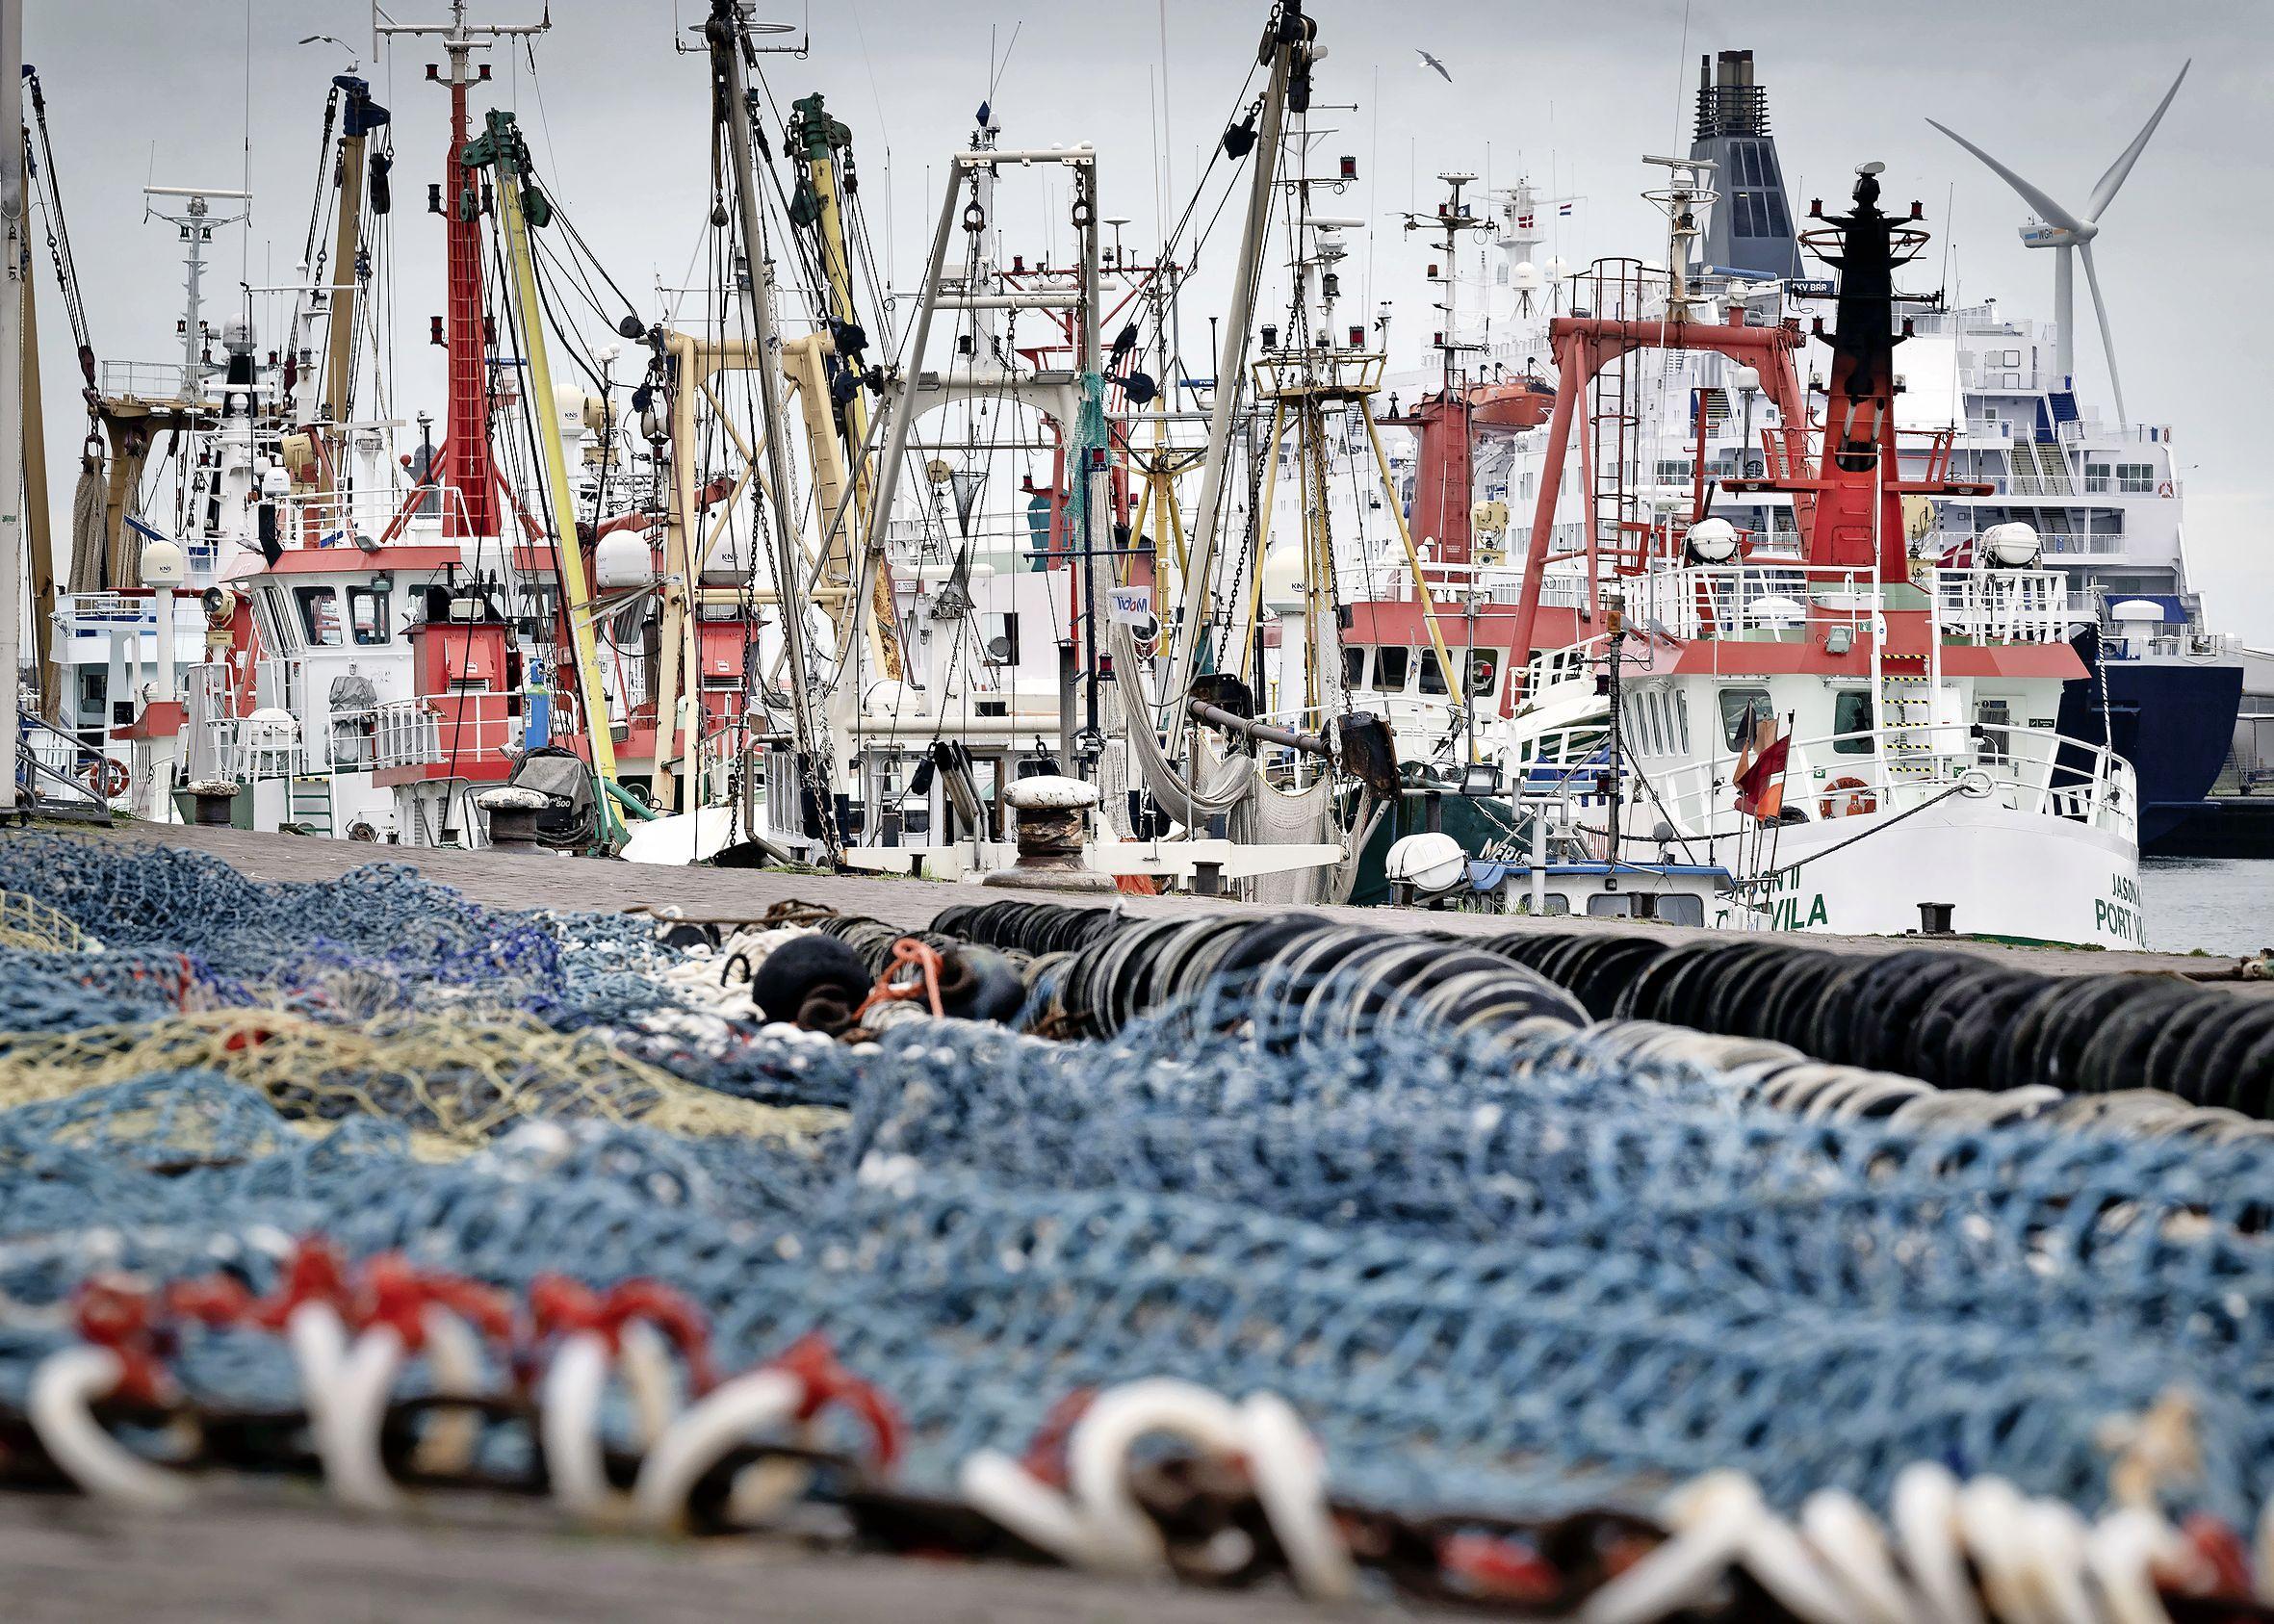 Visserij laat veel netwerk op zee achter, blijkt uit onderzoek. Terwijl vissers er veel aan doen om dat te voorkomen. 'Dit voelt als een schop na krijgen'